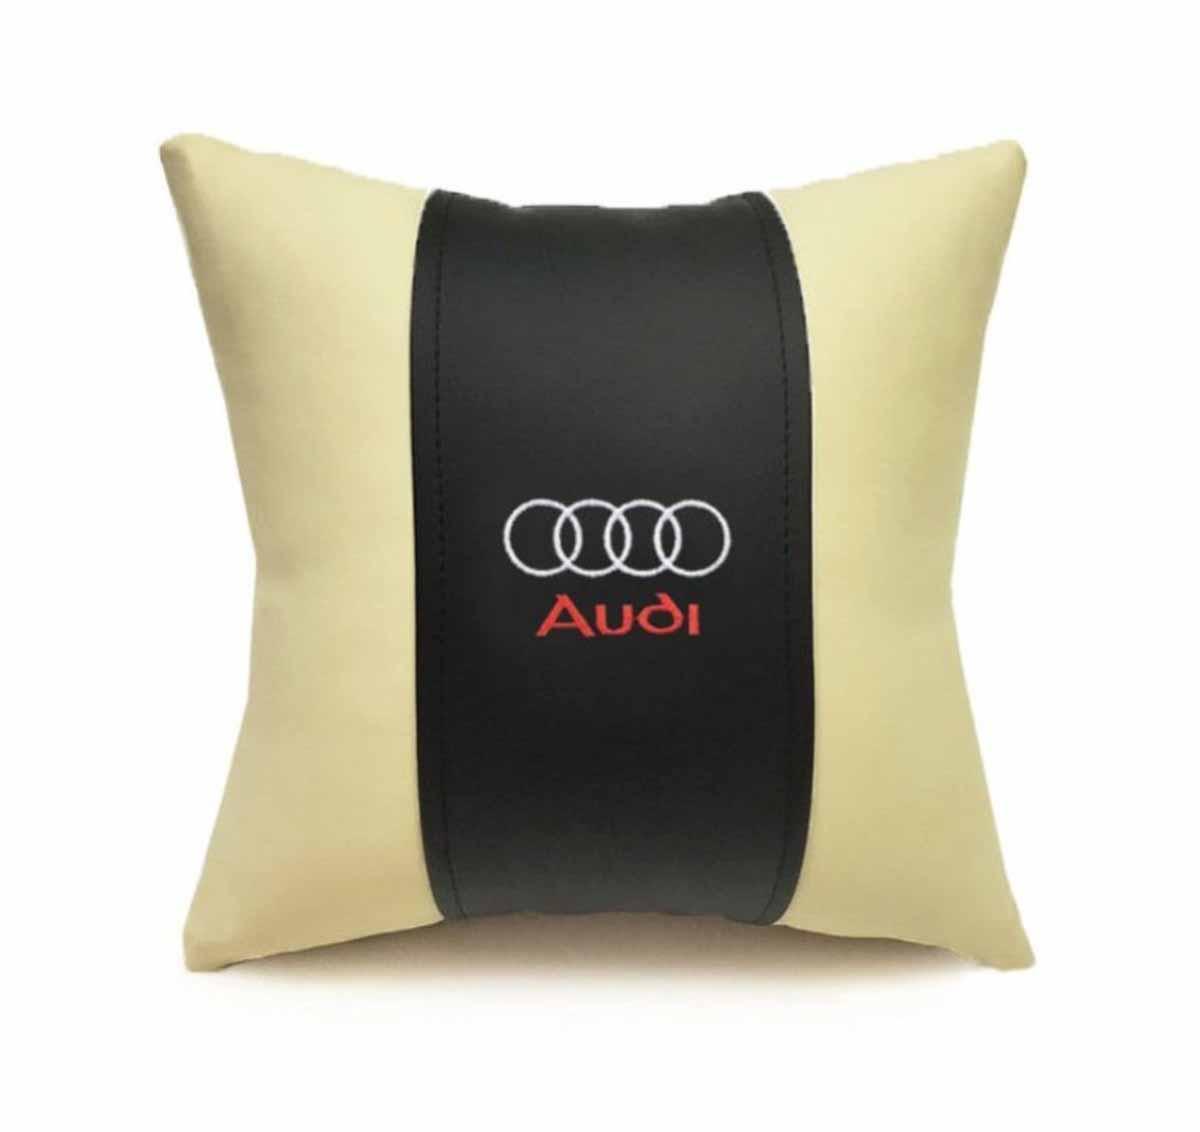 Подушка декоративная Auto Premium Audi, цвет: черный, бежевый37040Подушка в машину с вышивкой автологотипа Auto Premium Audi - отличное дополнение для салона вашего авто. Мягкая подушка, изготовленная из матовой экокожи, будет удобна пассажиру. Она долго не перестанет радовать вас своим видом. Оптимальный размер подушки (30 х 30 см) не загромождает салон автомобиля.